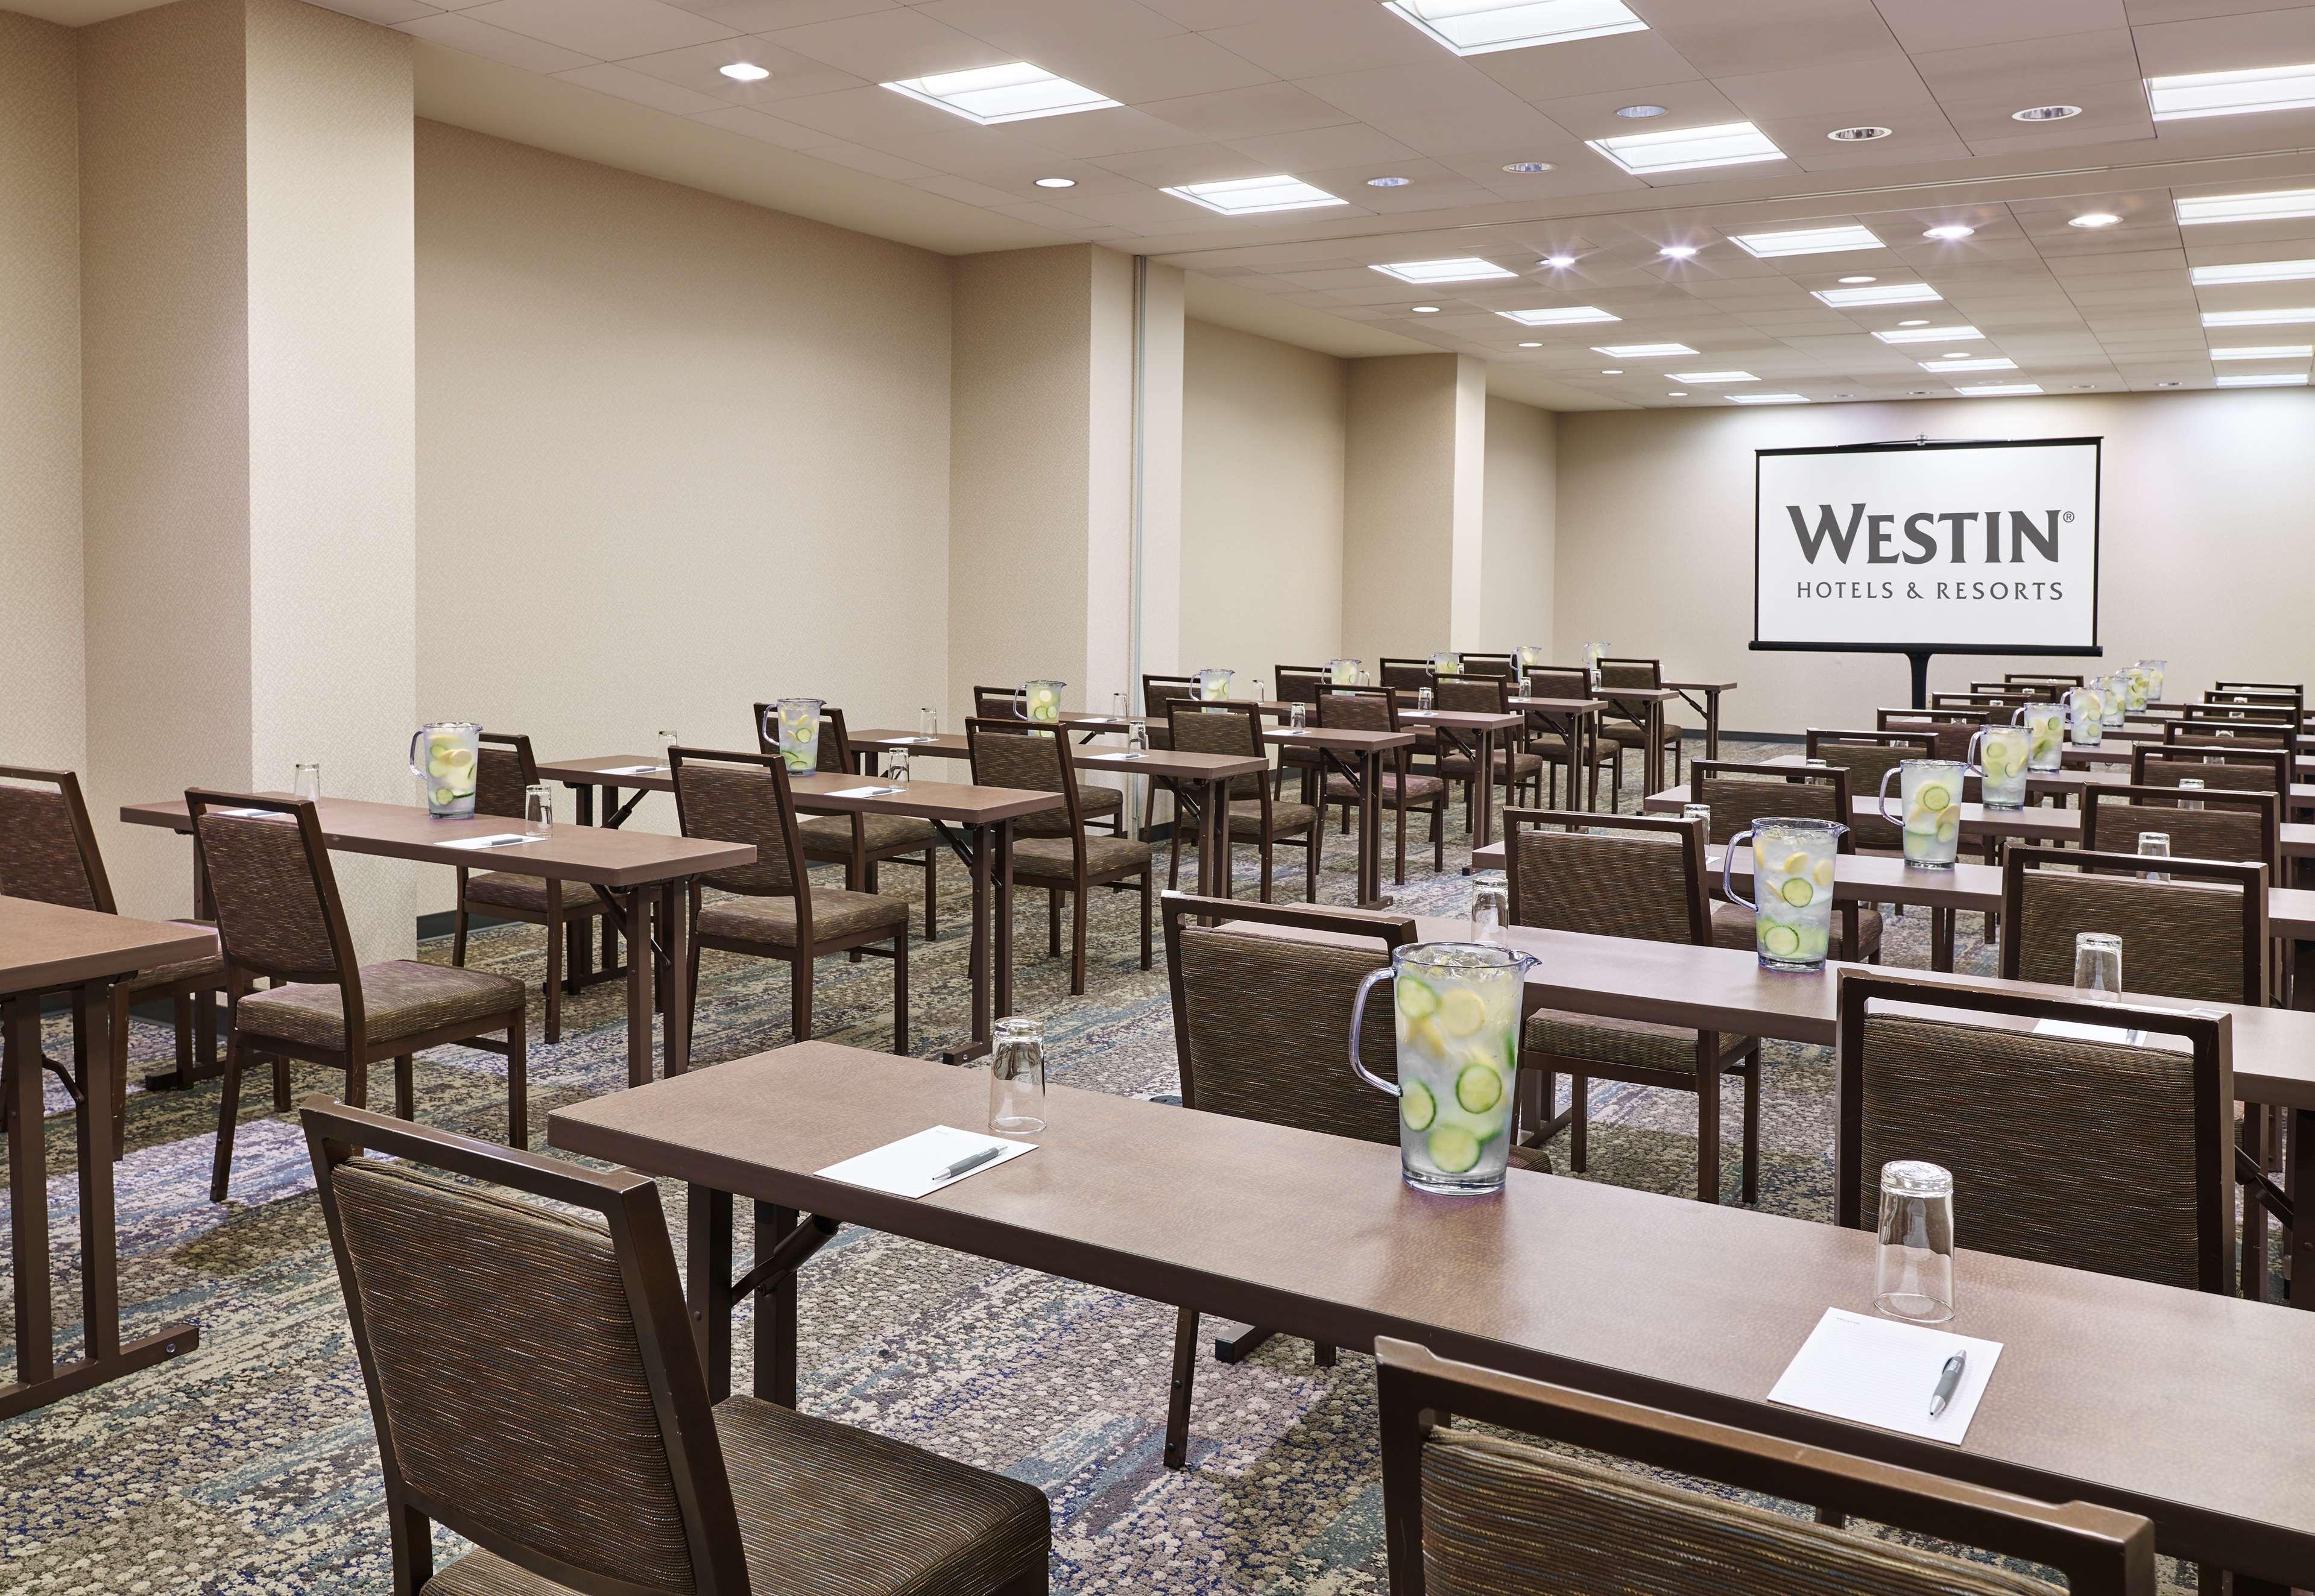 The Westin Galleria Dallas image 18